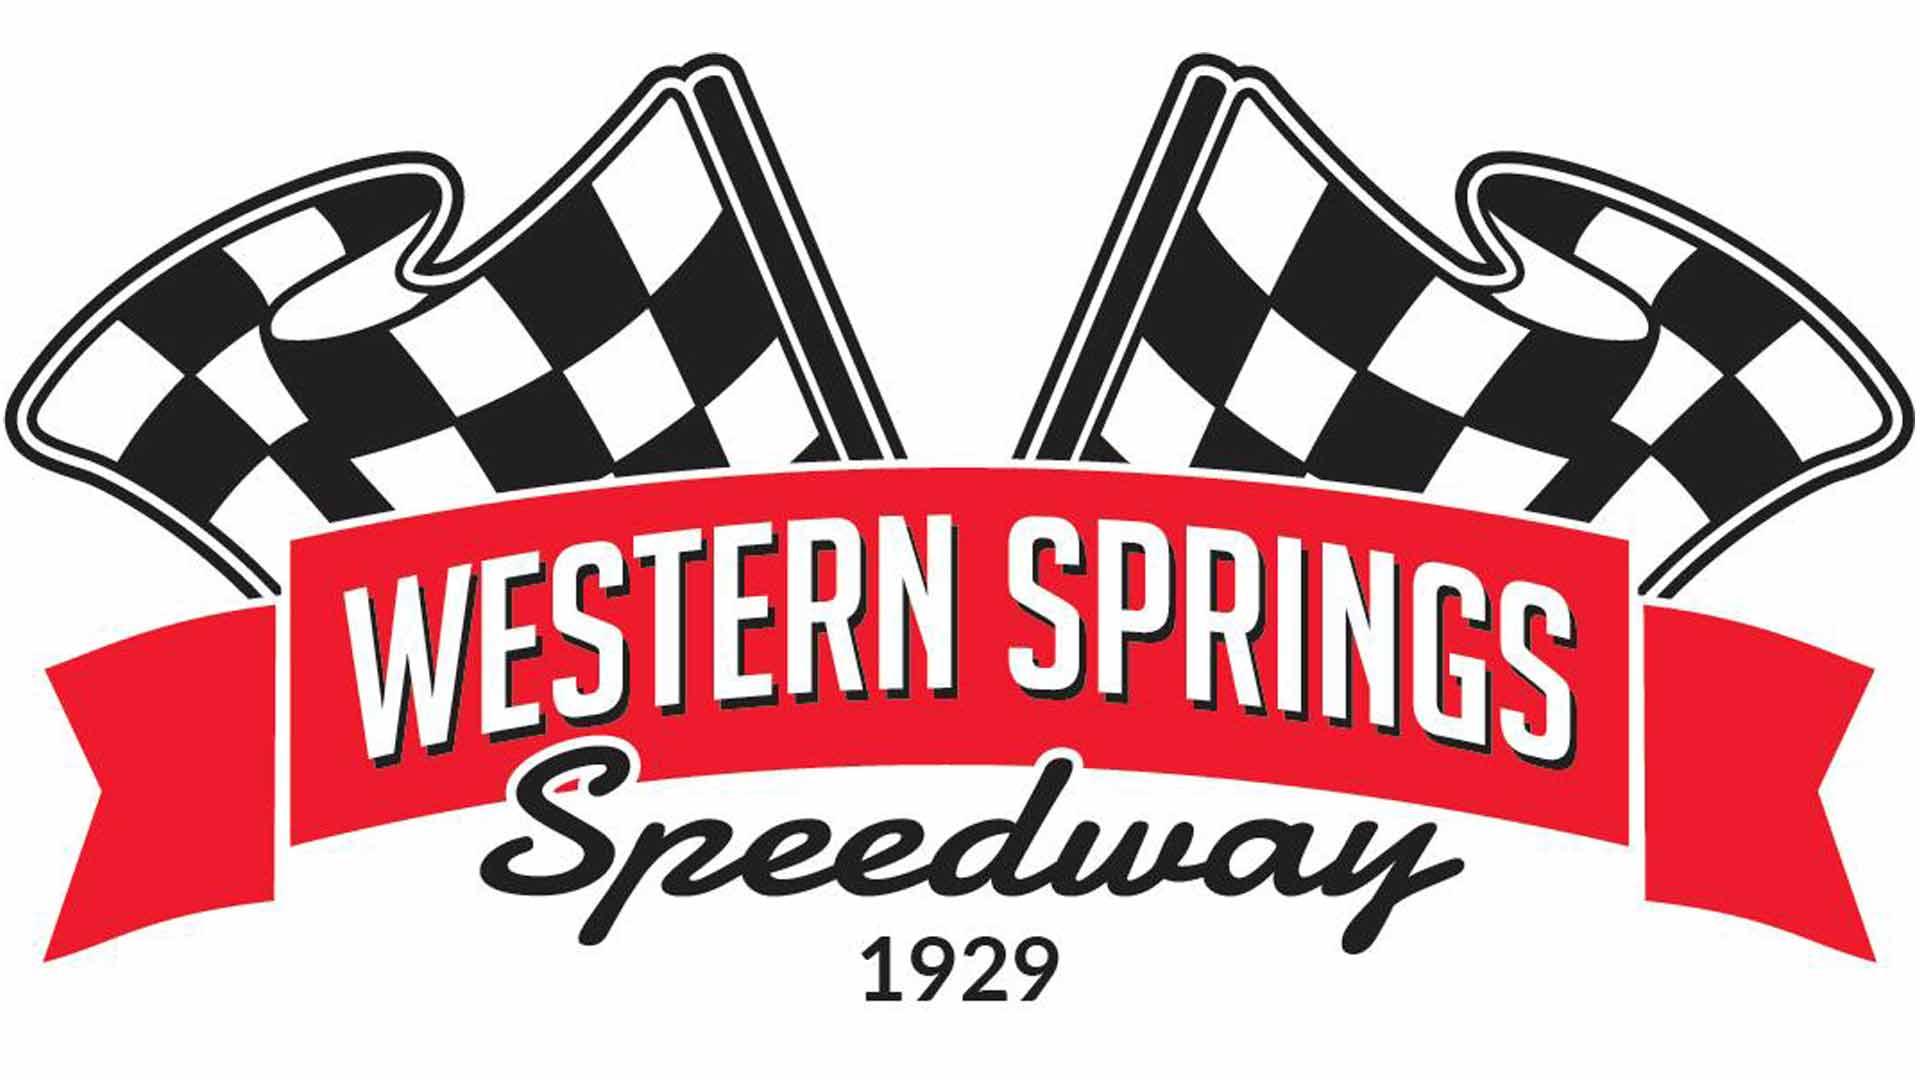 Western Springs Speedway 2020/21